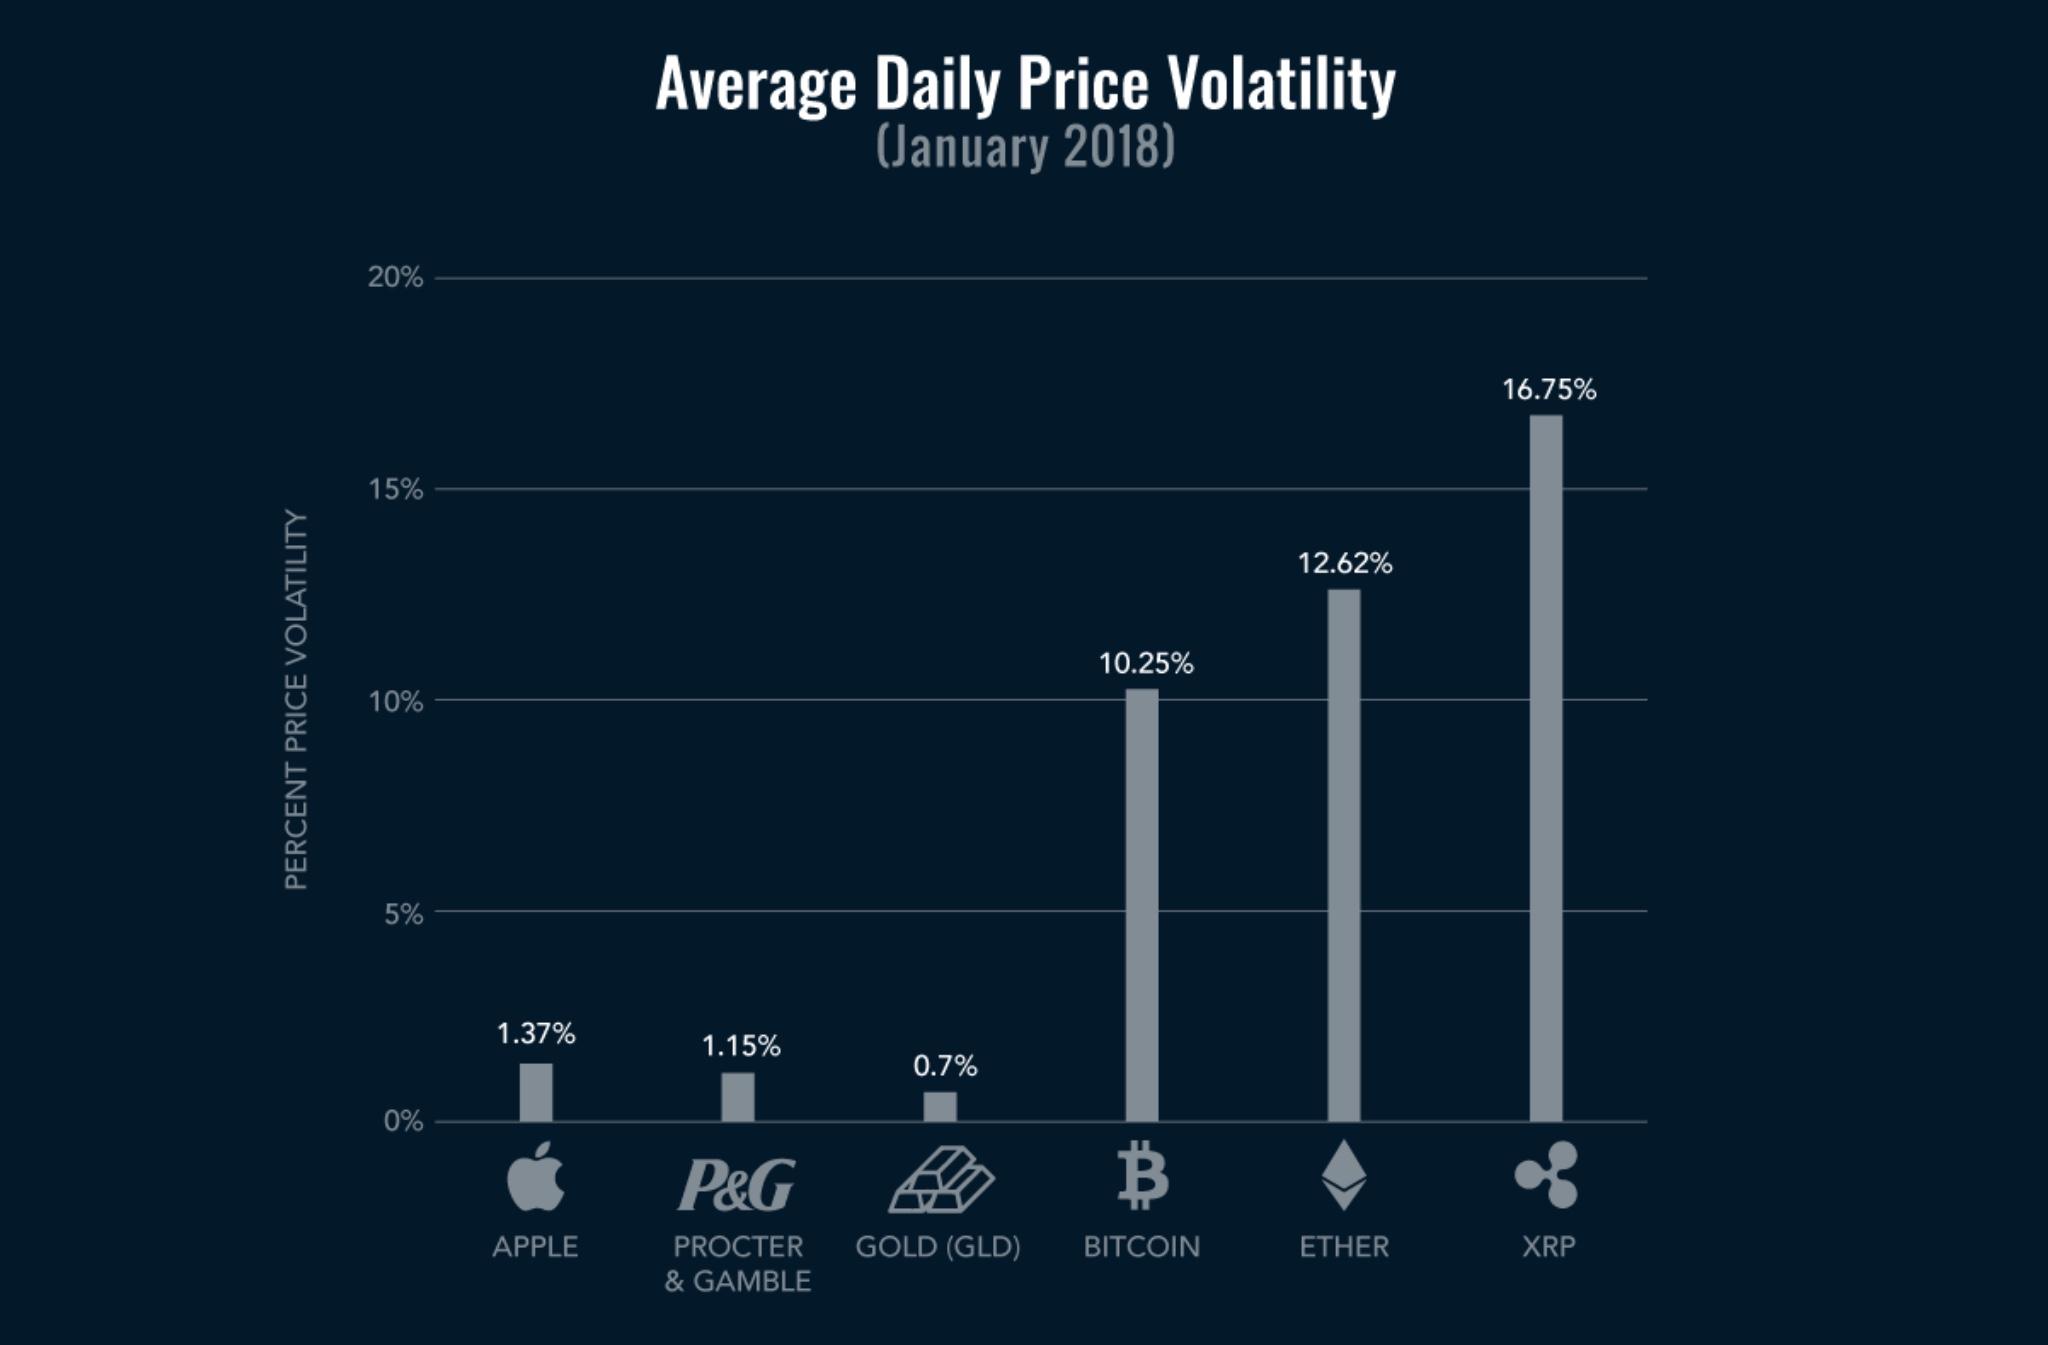 волатильность цен на разные активы - январь 2018